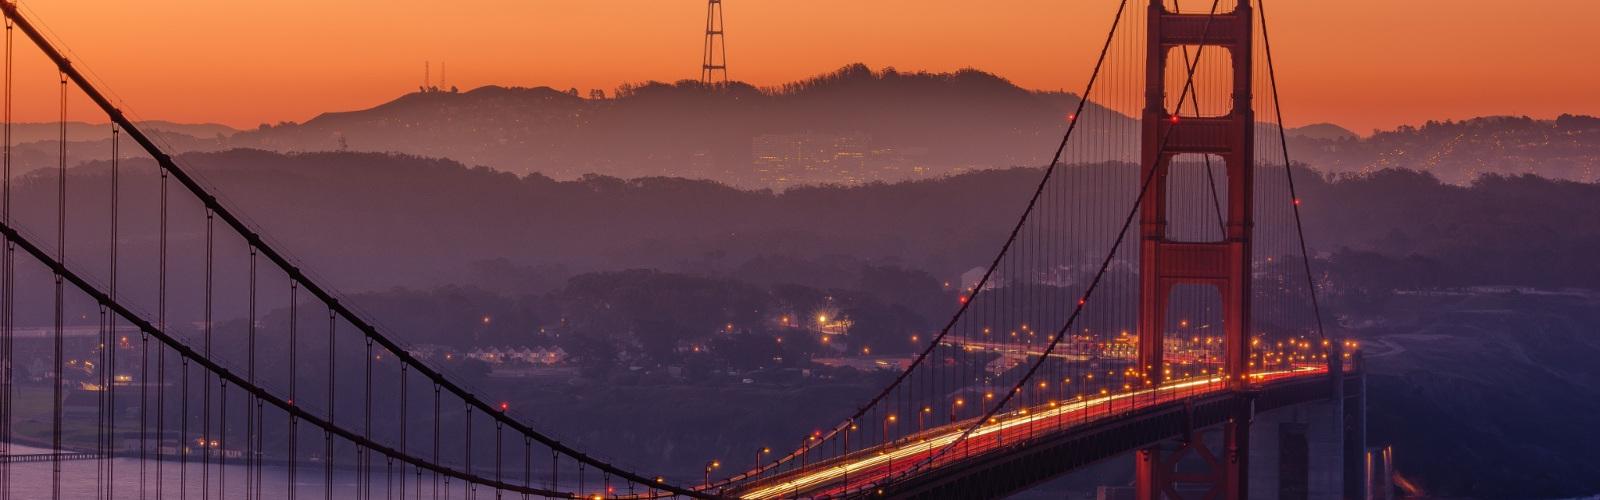 Σαν Φρανσίσκο dating σε απευθείας σύνδεση